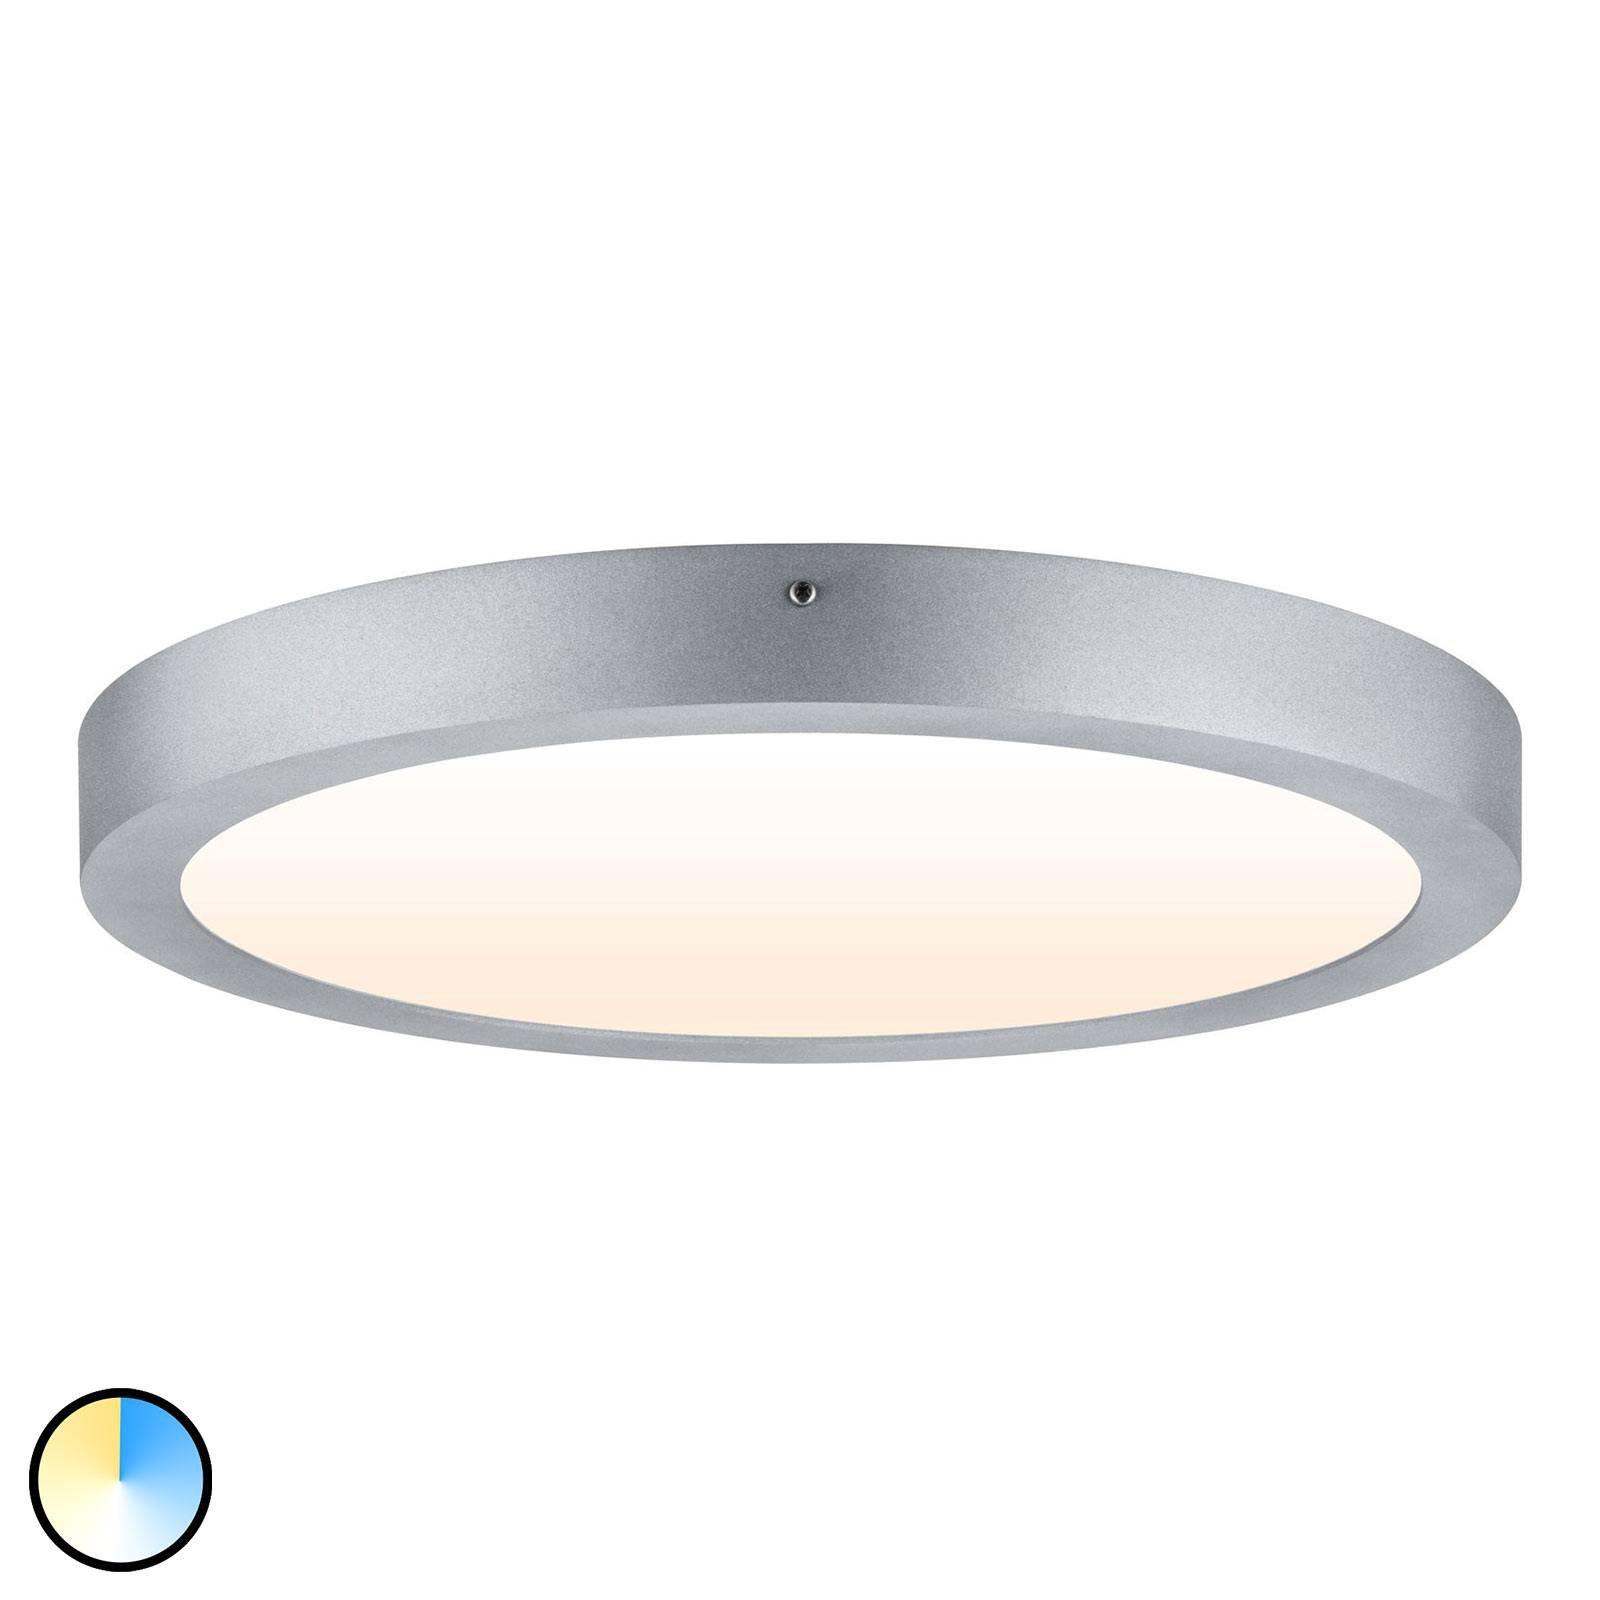 Paulmann Carpo LED-taklampe rund krom 40 cm